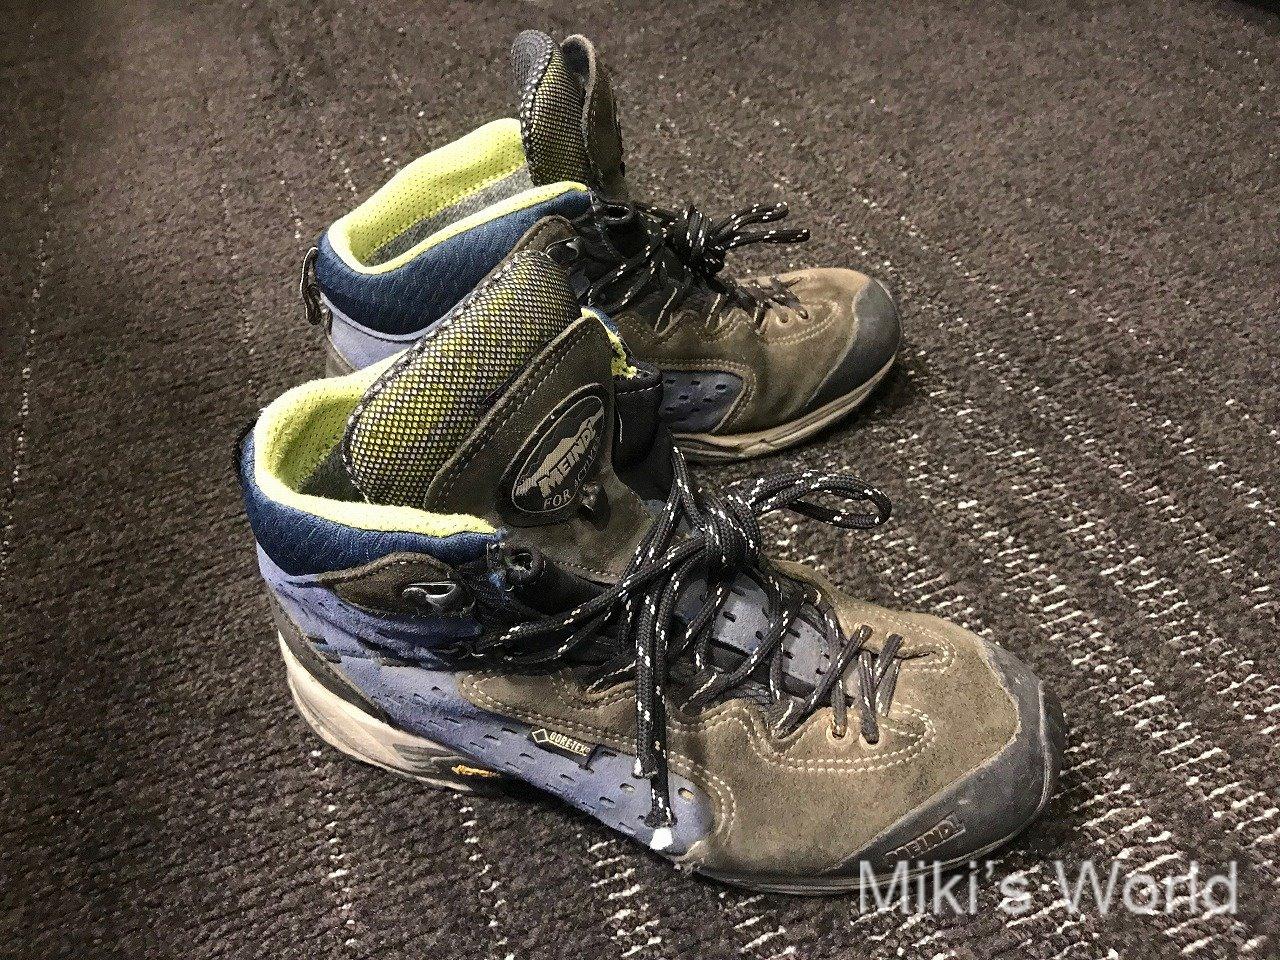 自然の旅に必須なもの 登山靴編 経験者も要注意 失敗して気づくとツライ